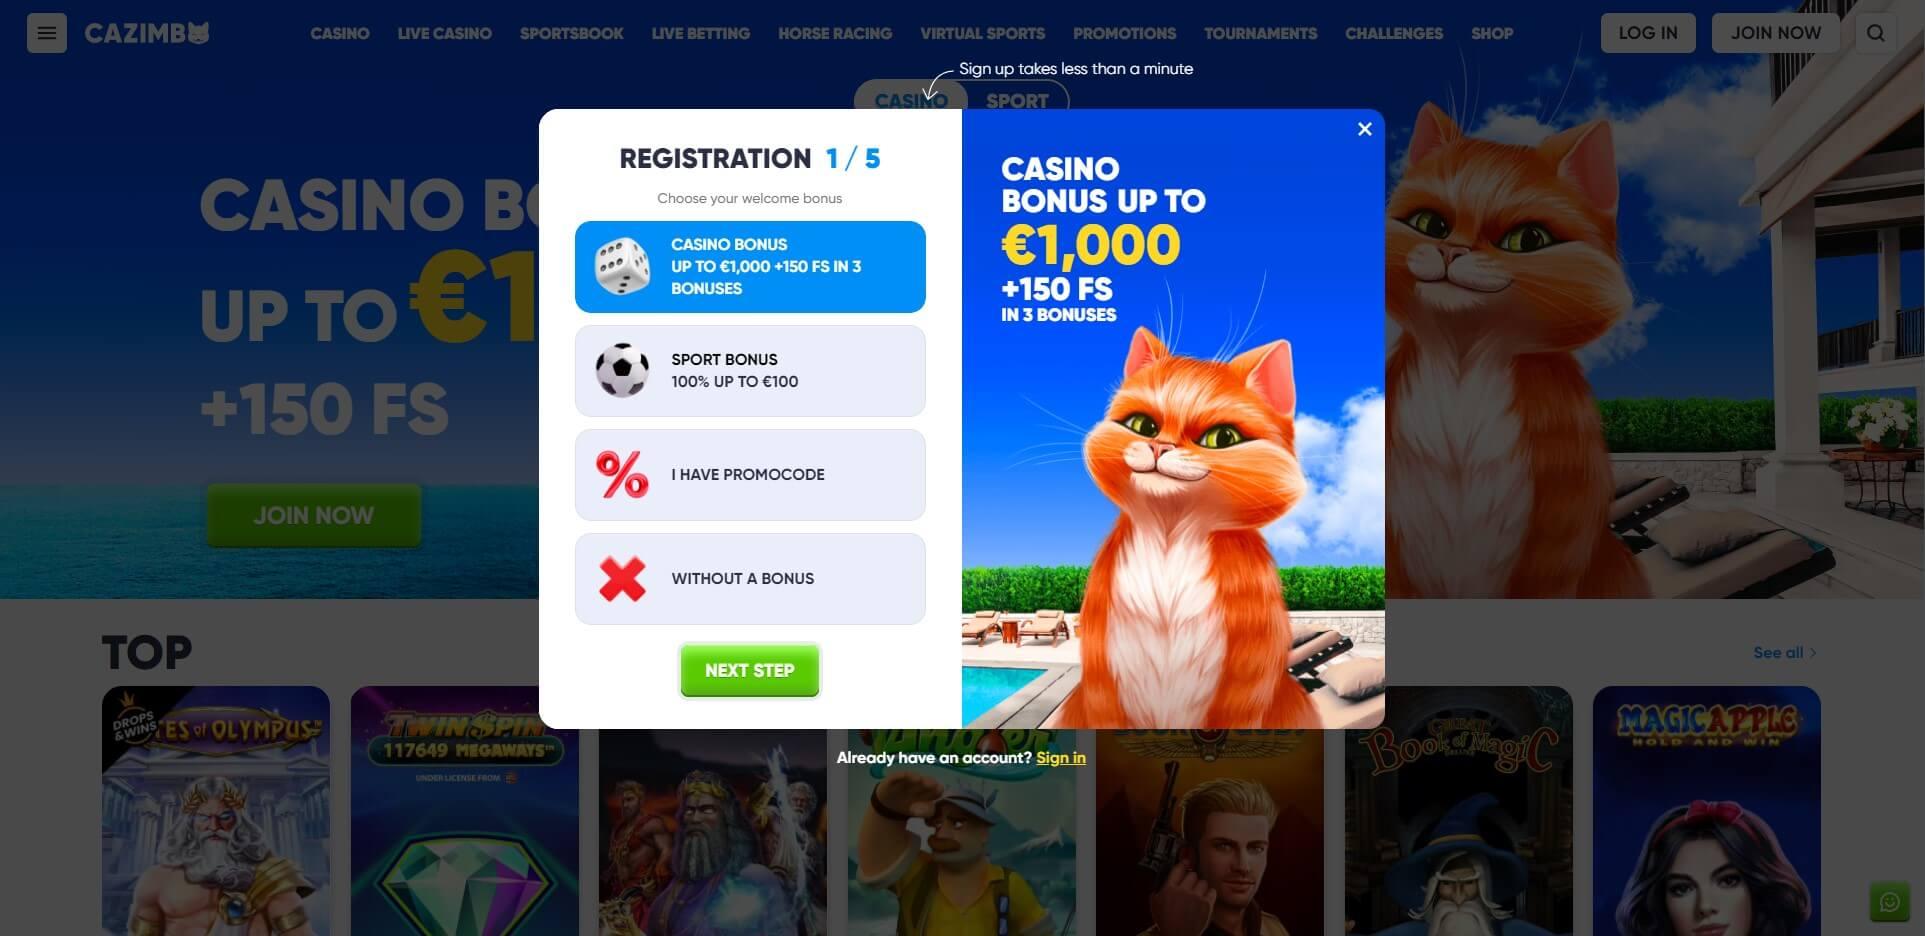 Sign Up at Cazimbo Casino